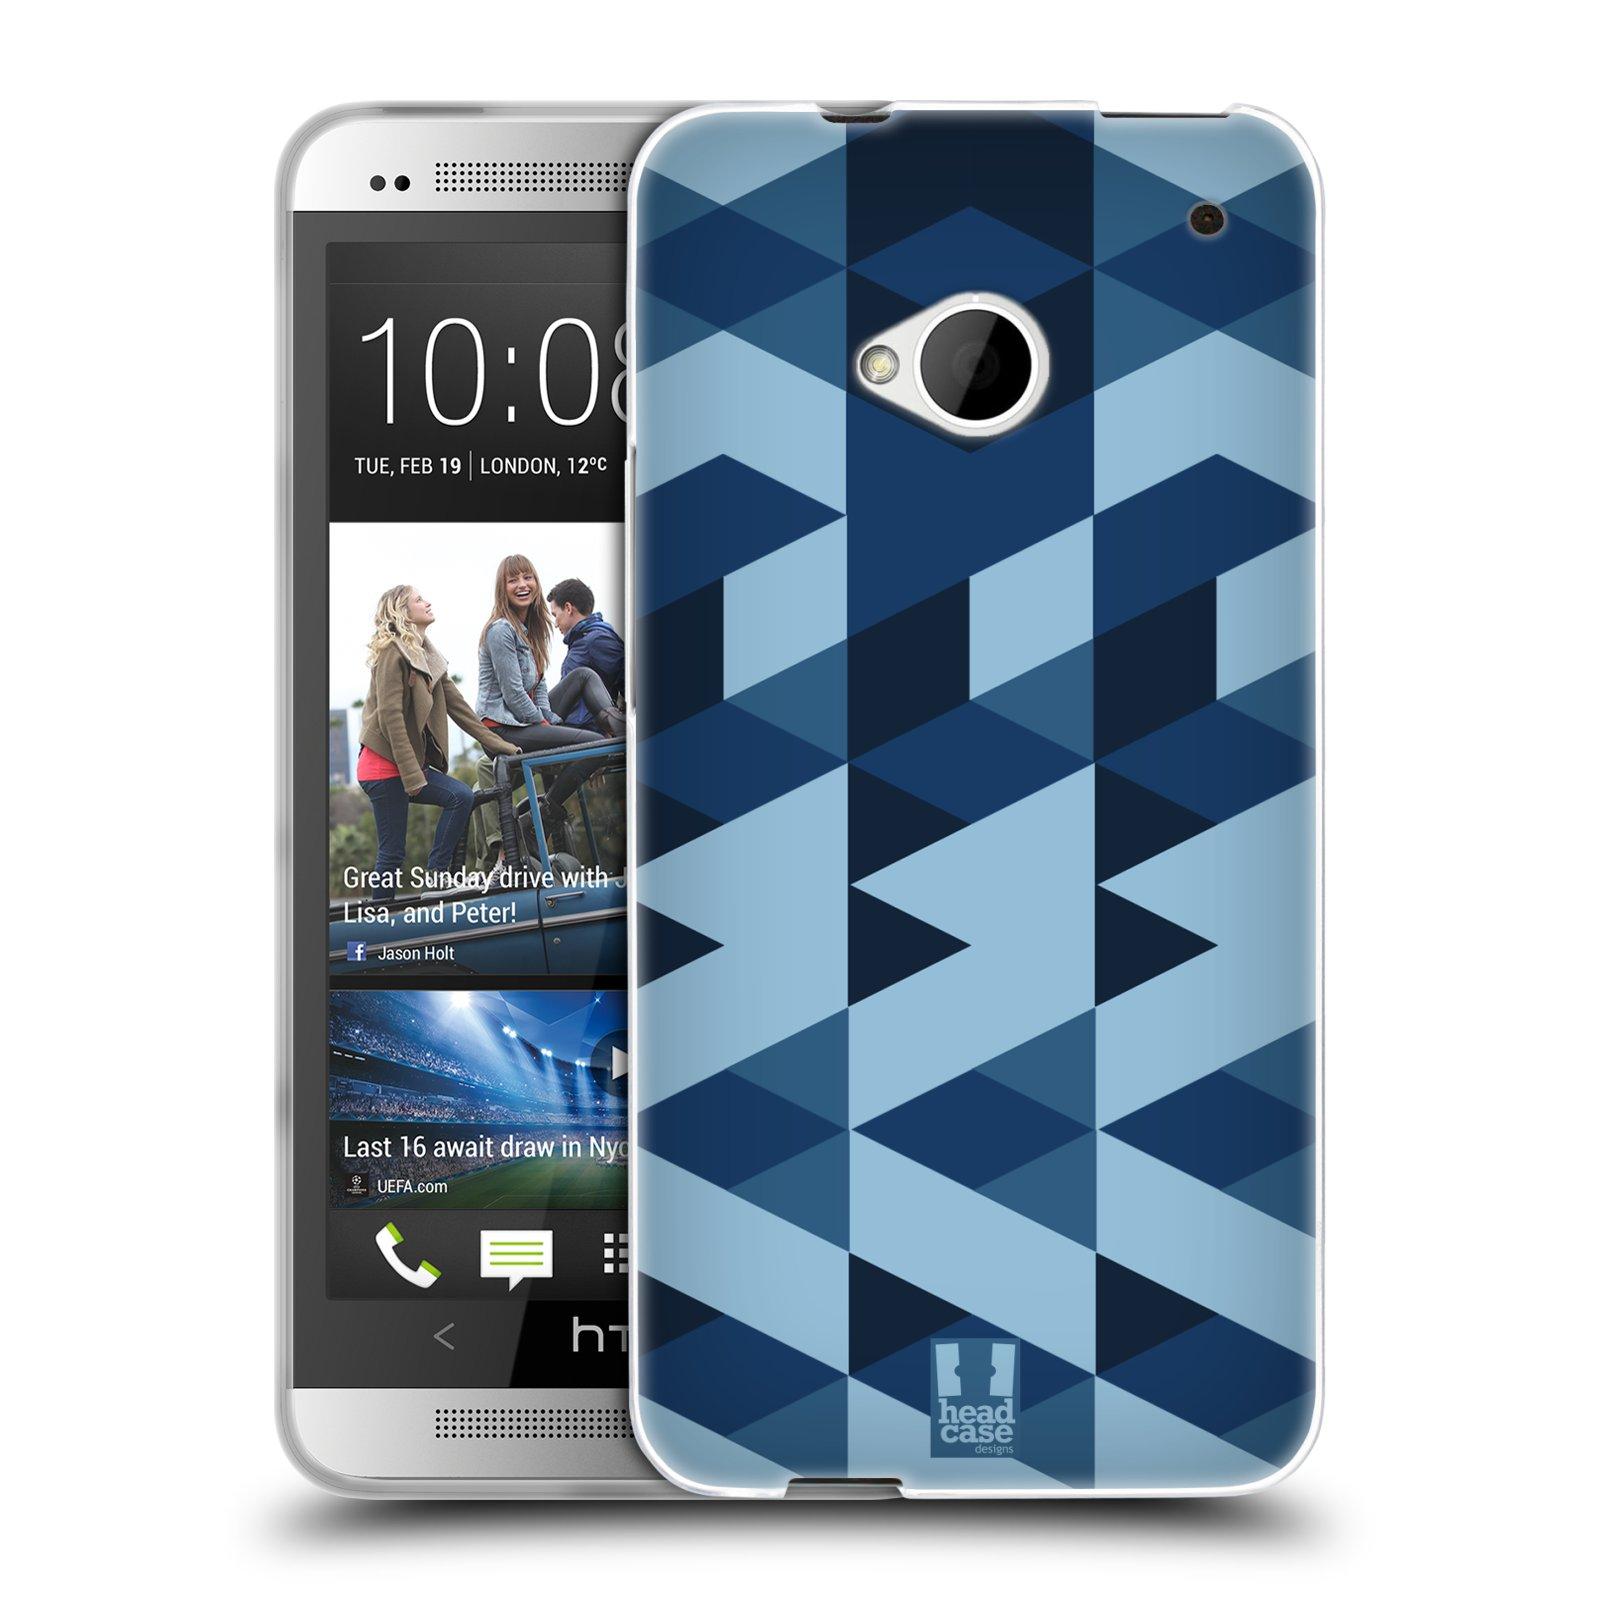 Silikonové pouzdro na mobil HTC ONE M7 HEAD CASE GEOMETRIC BLUE (Silikonový kryt či obal na mobilní telefon HTC ONE M7)